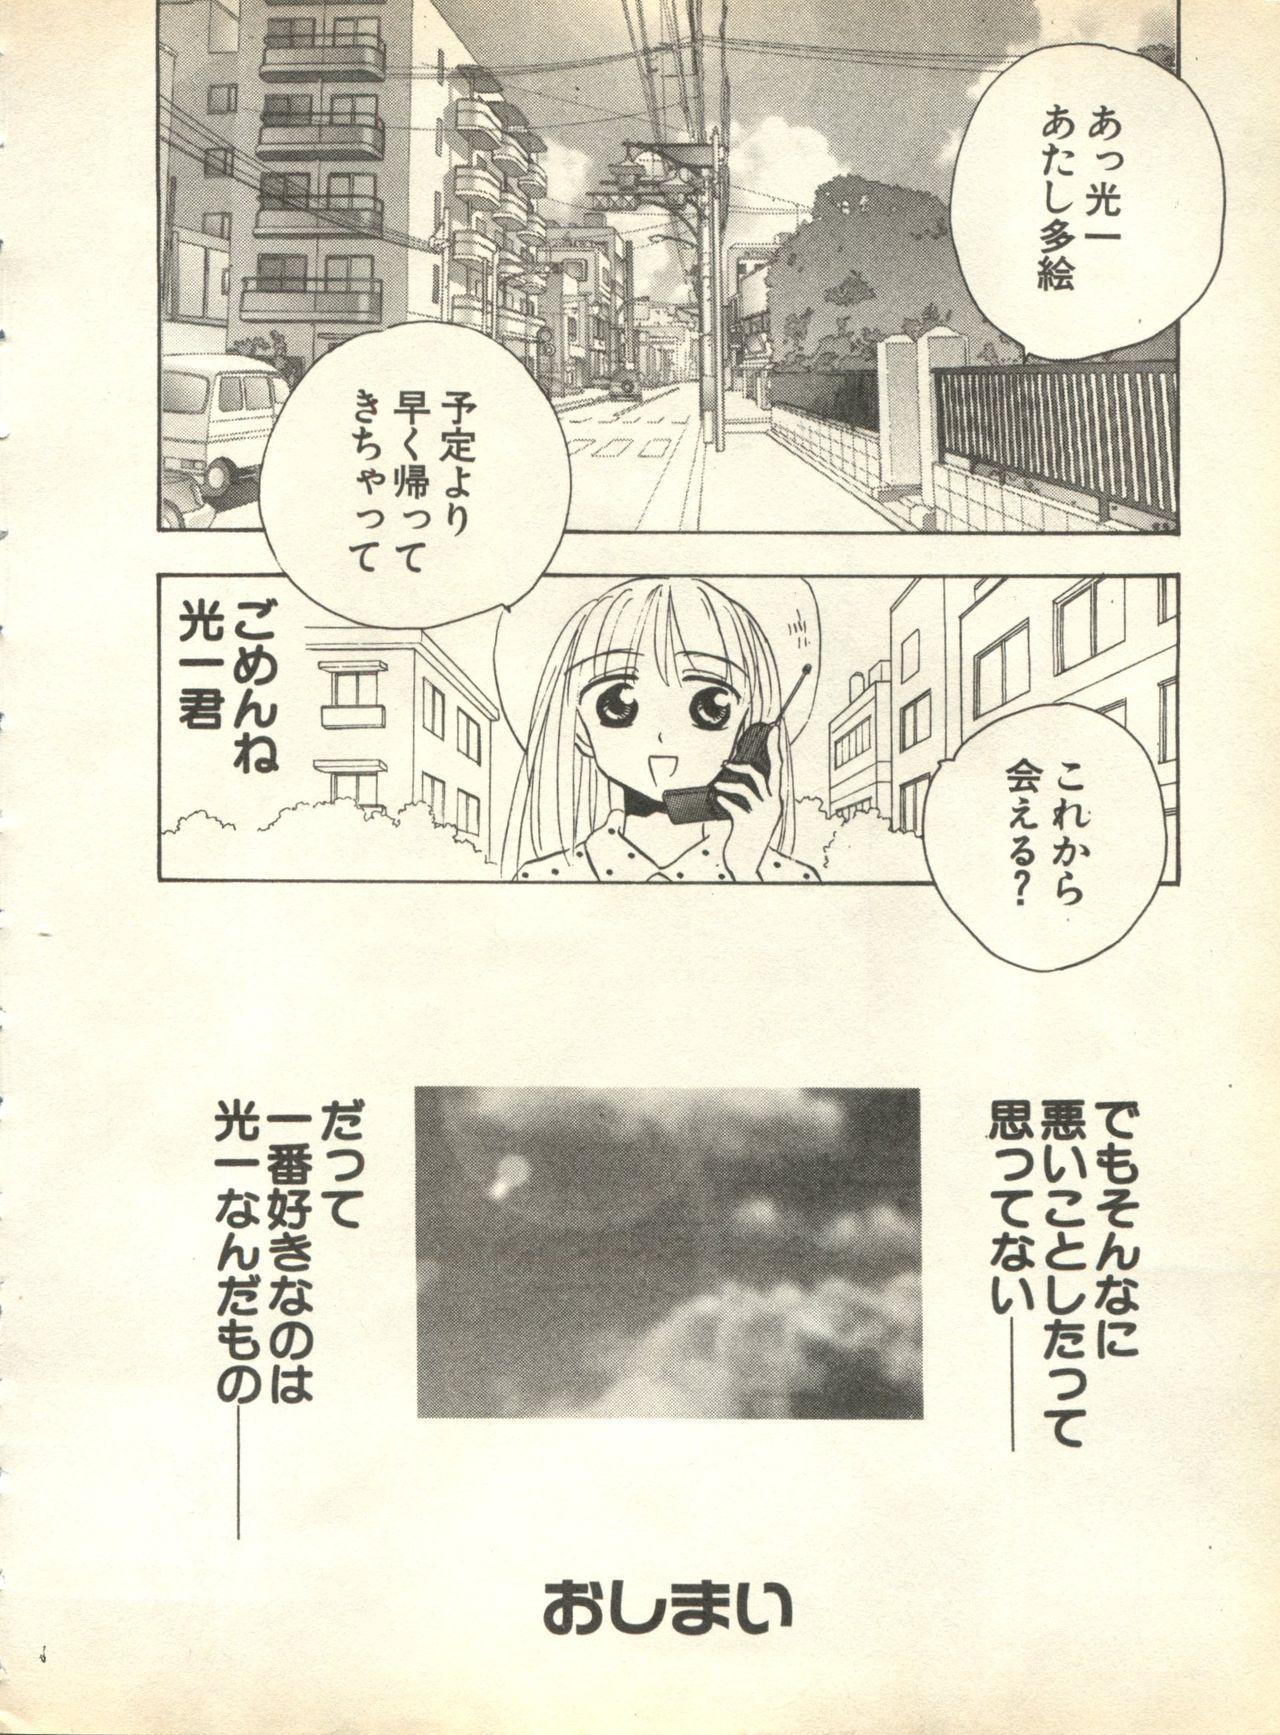 Pai;kuu 1998 October Vol. 13 71